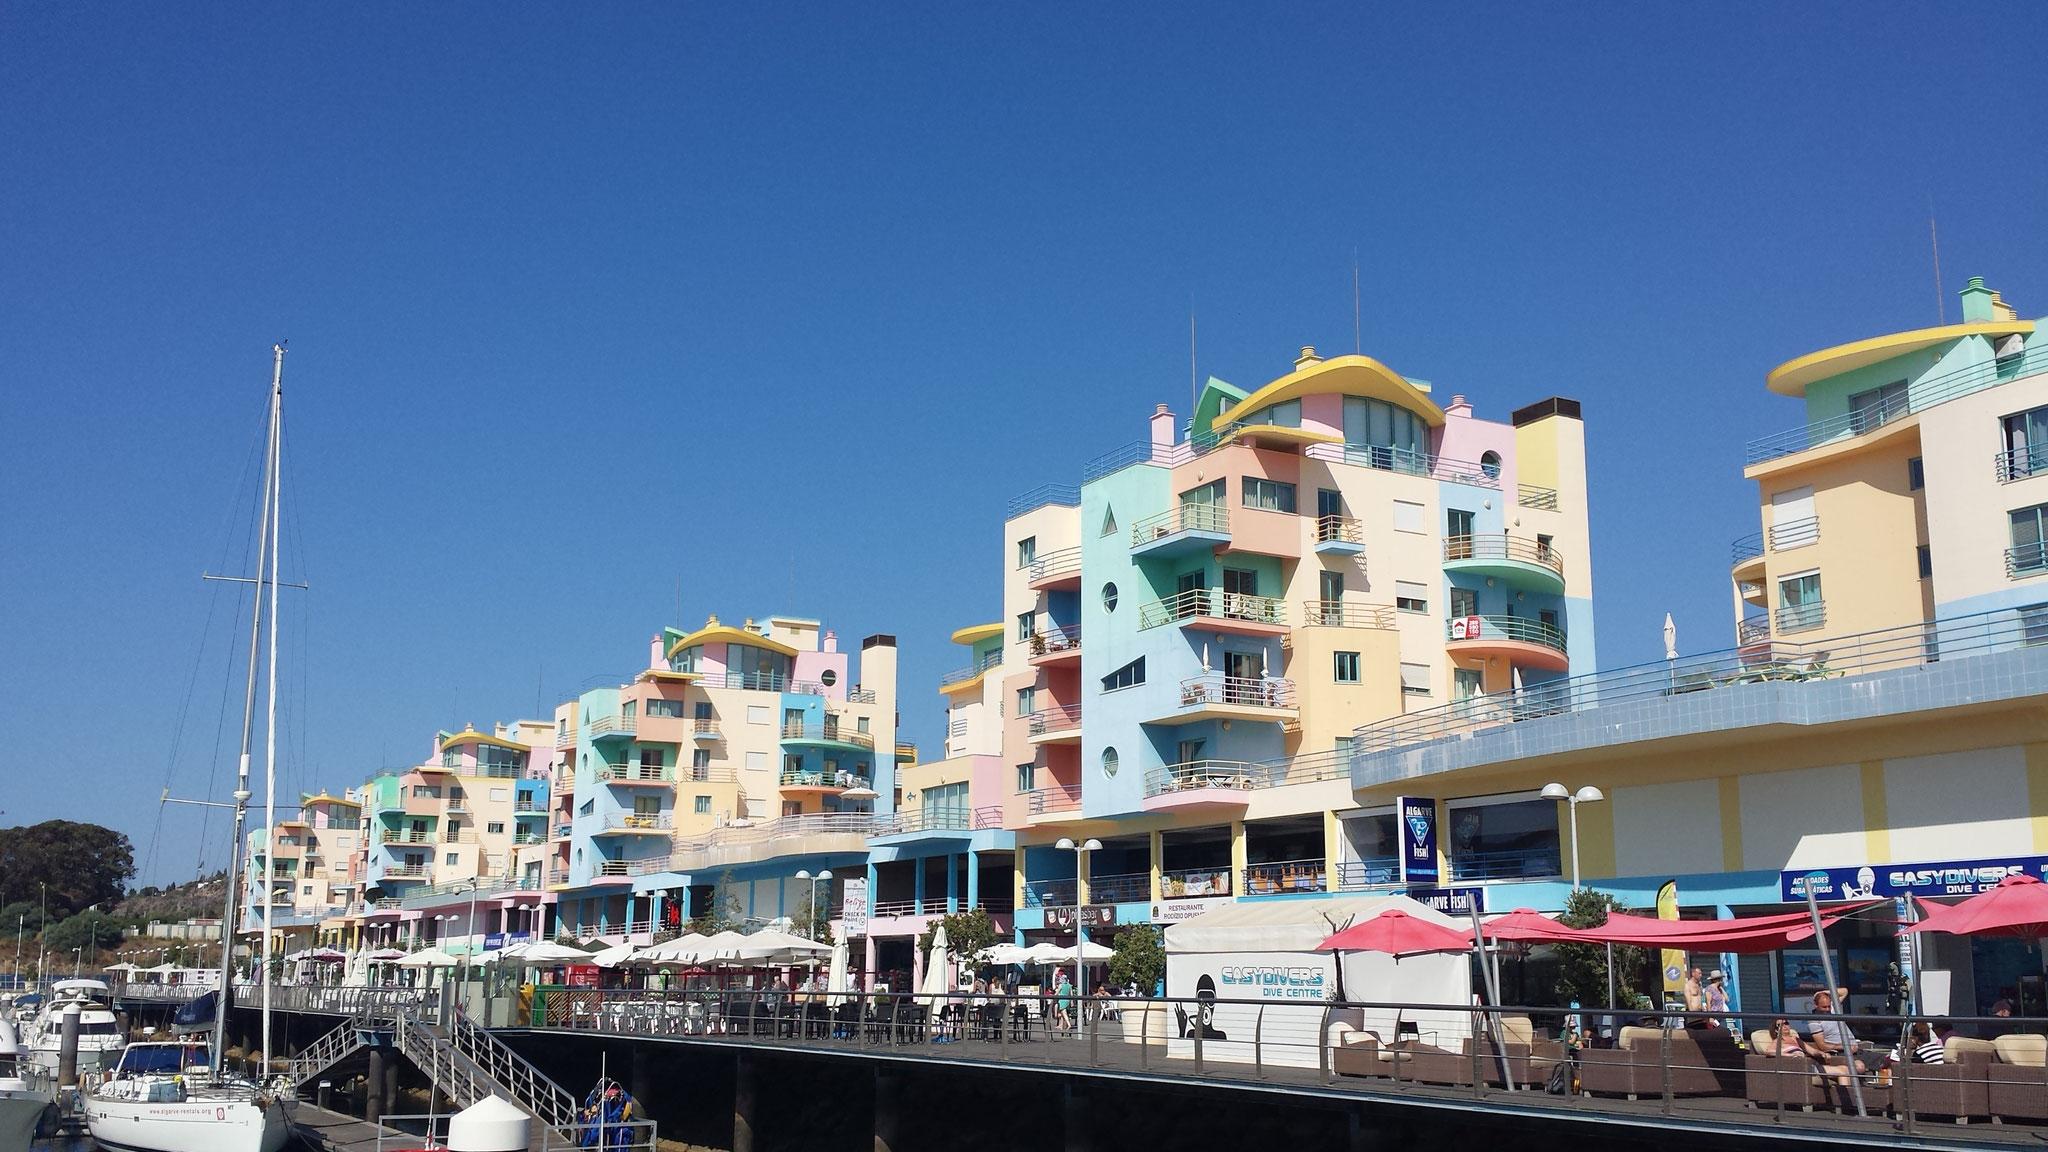 Bunte Häuser am Hafen von Albufeira